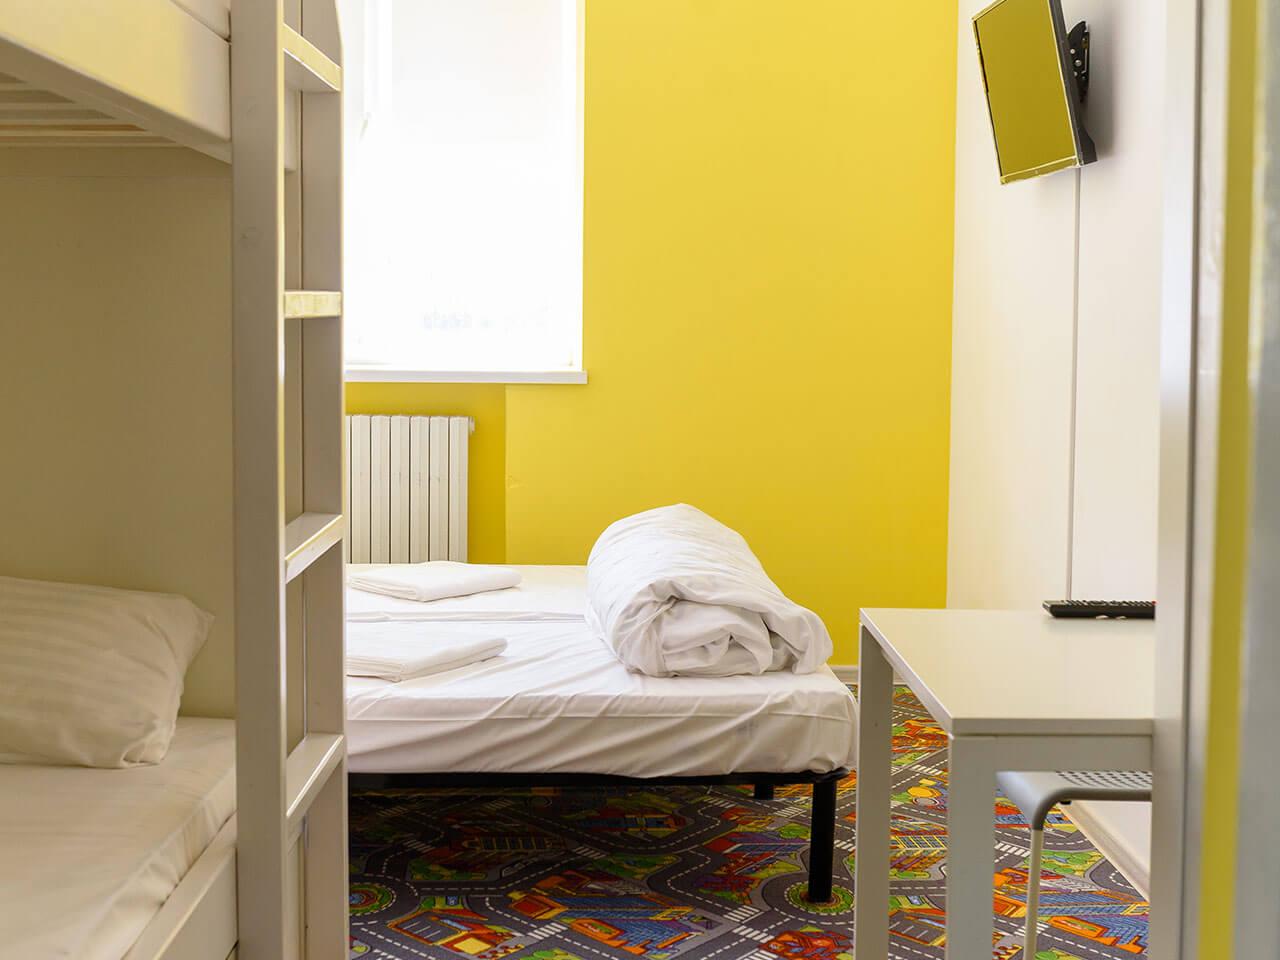 Хостел «Кровать» для вашего отдыха